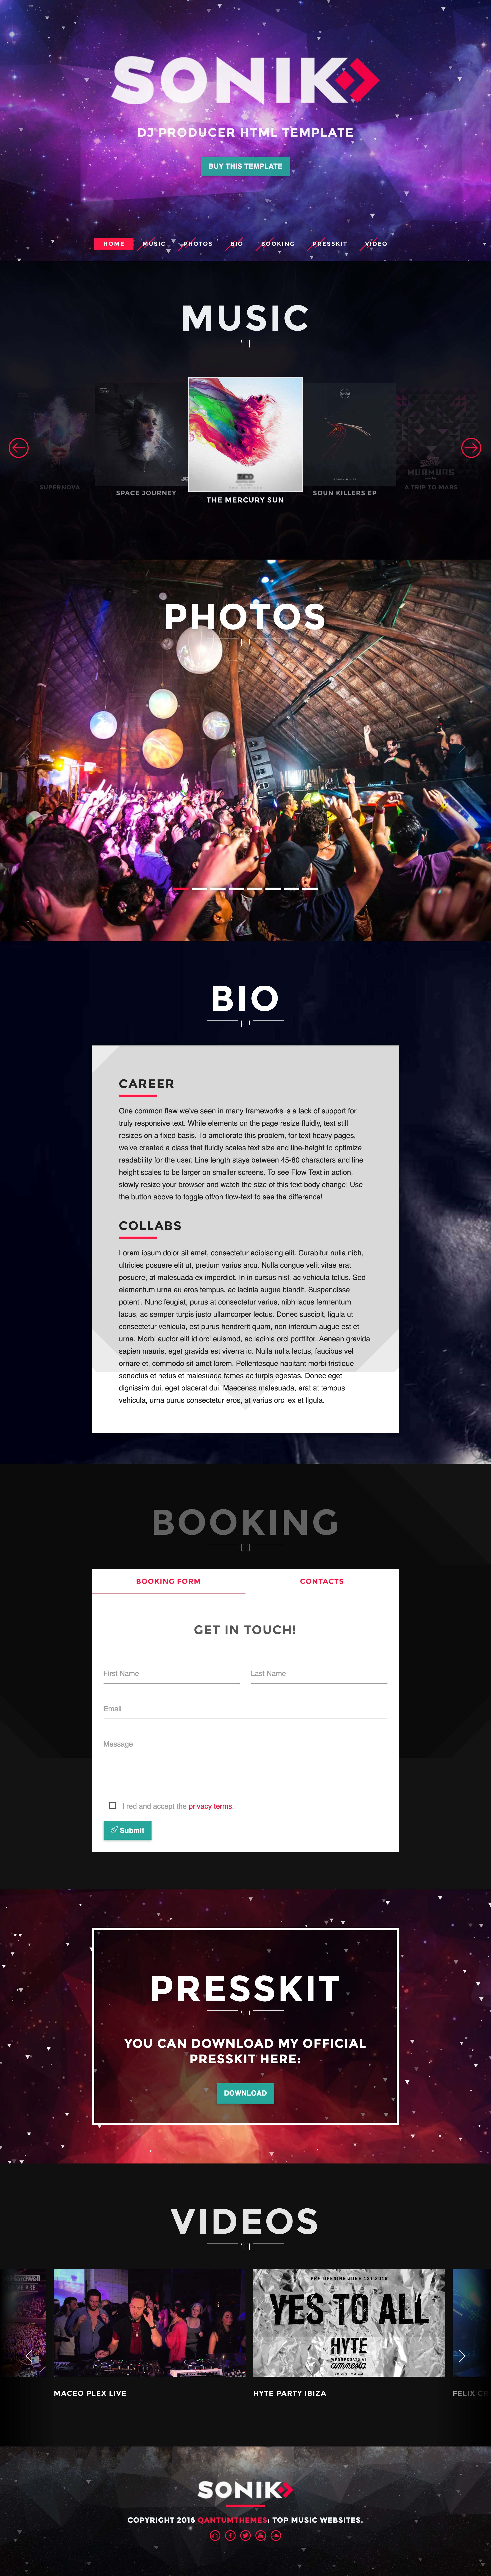 Sonik Website Screenshot